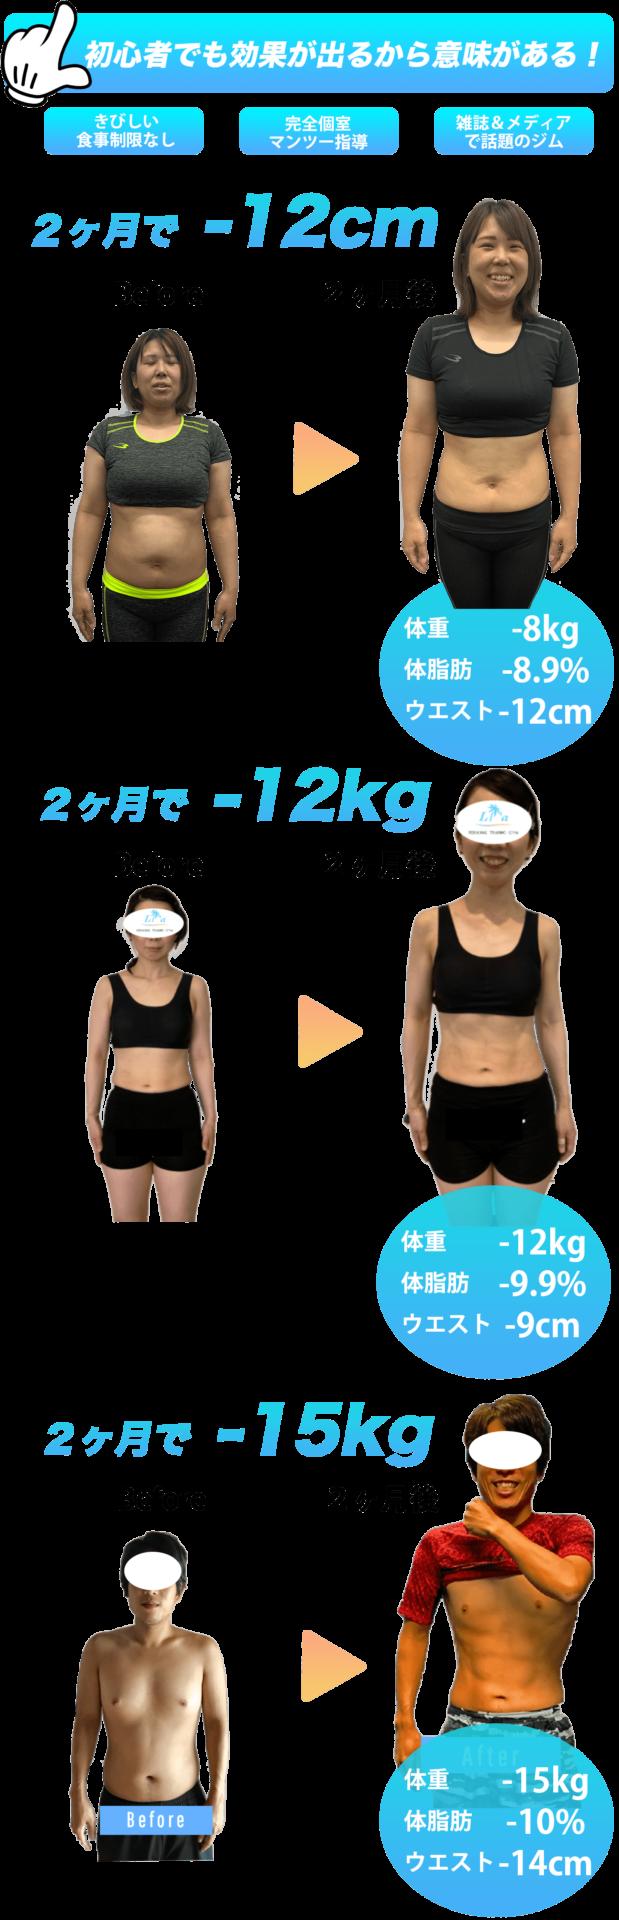 昭和区 パーソナルジム ビフォーアフター写真 ウエスト-12cm、体重-8,8kg マンツーマン指導、完全プライベート空間、厳しい食事制限なし